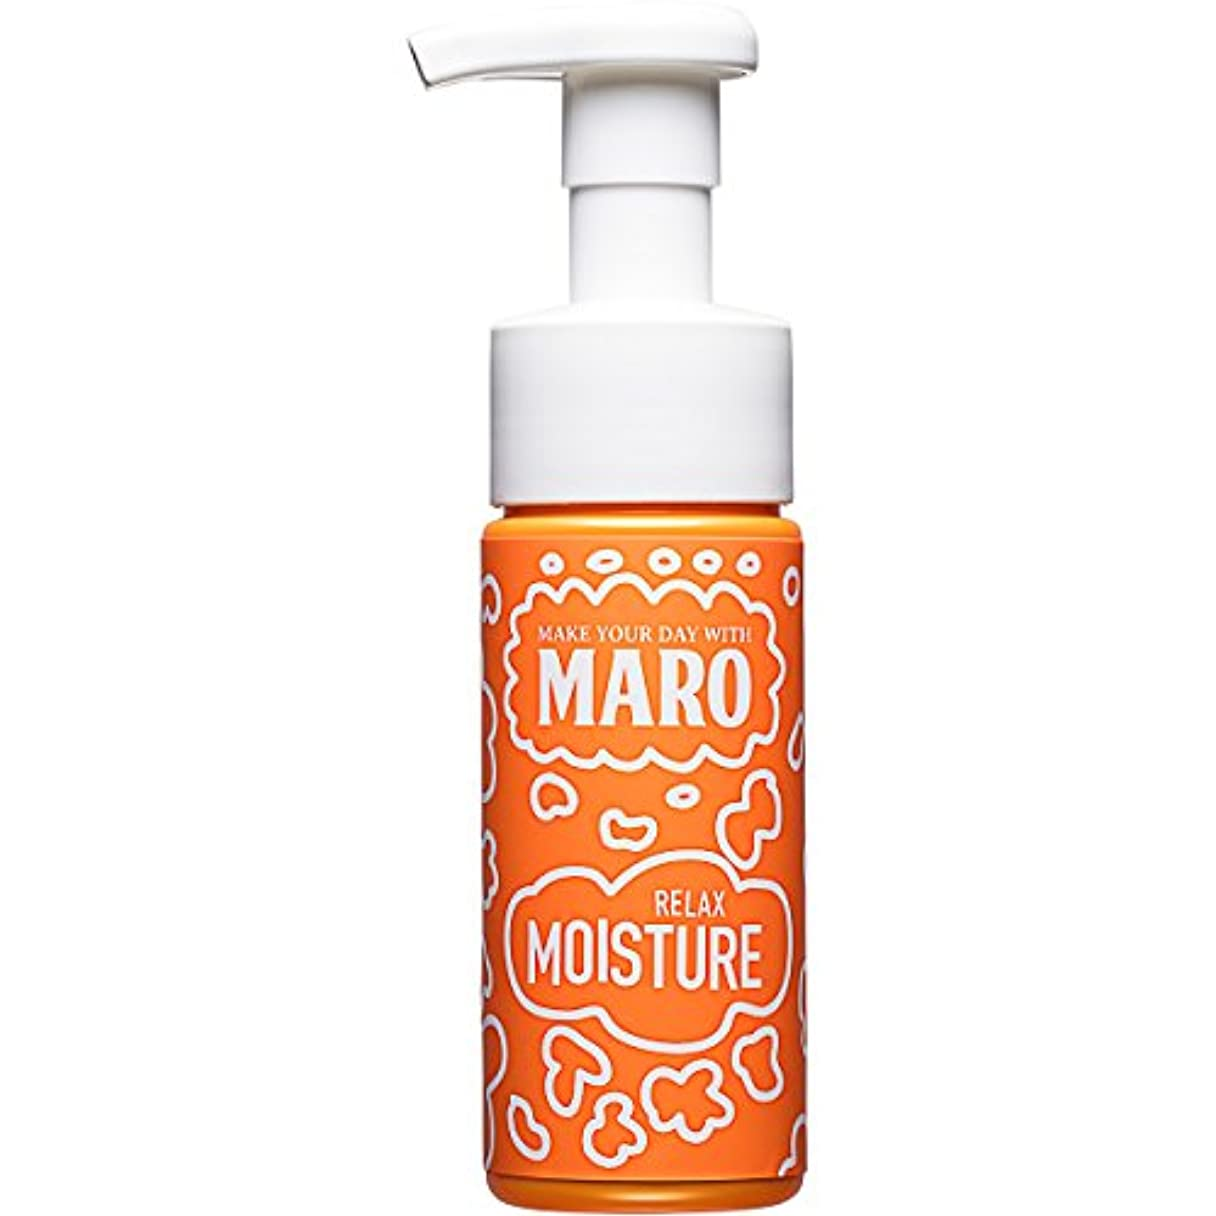 くるみ不忠粘性のMARO グルーヴィー 泡洗顔 リラックスモイスチャー 150ml